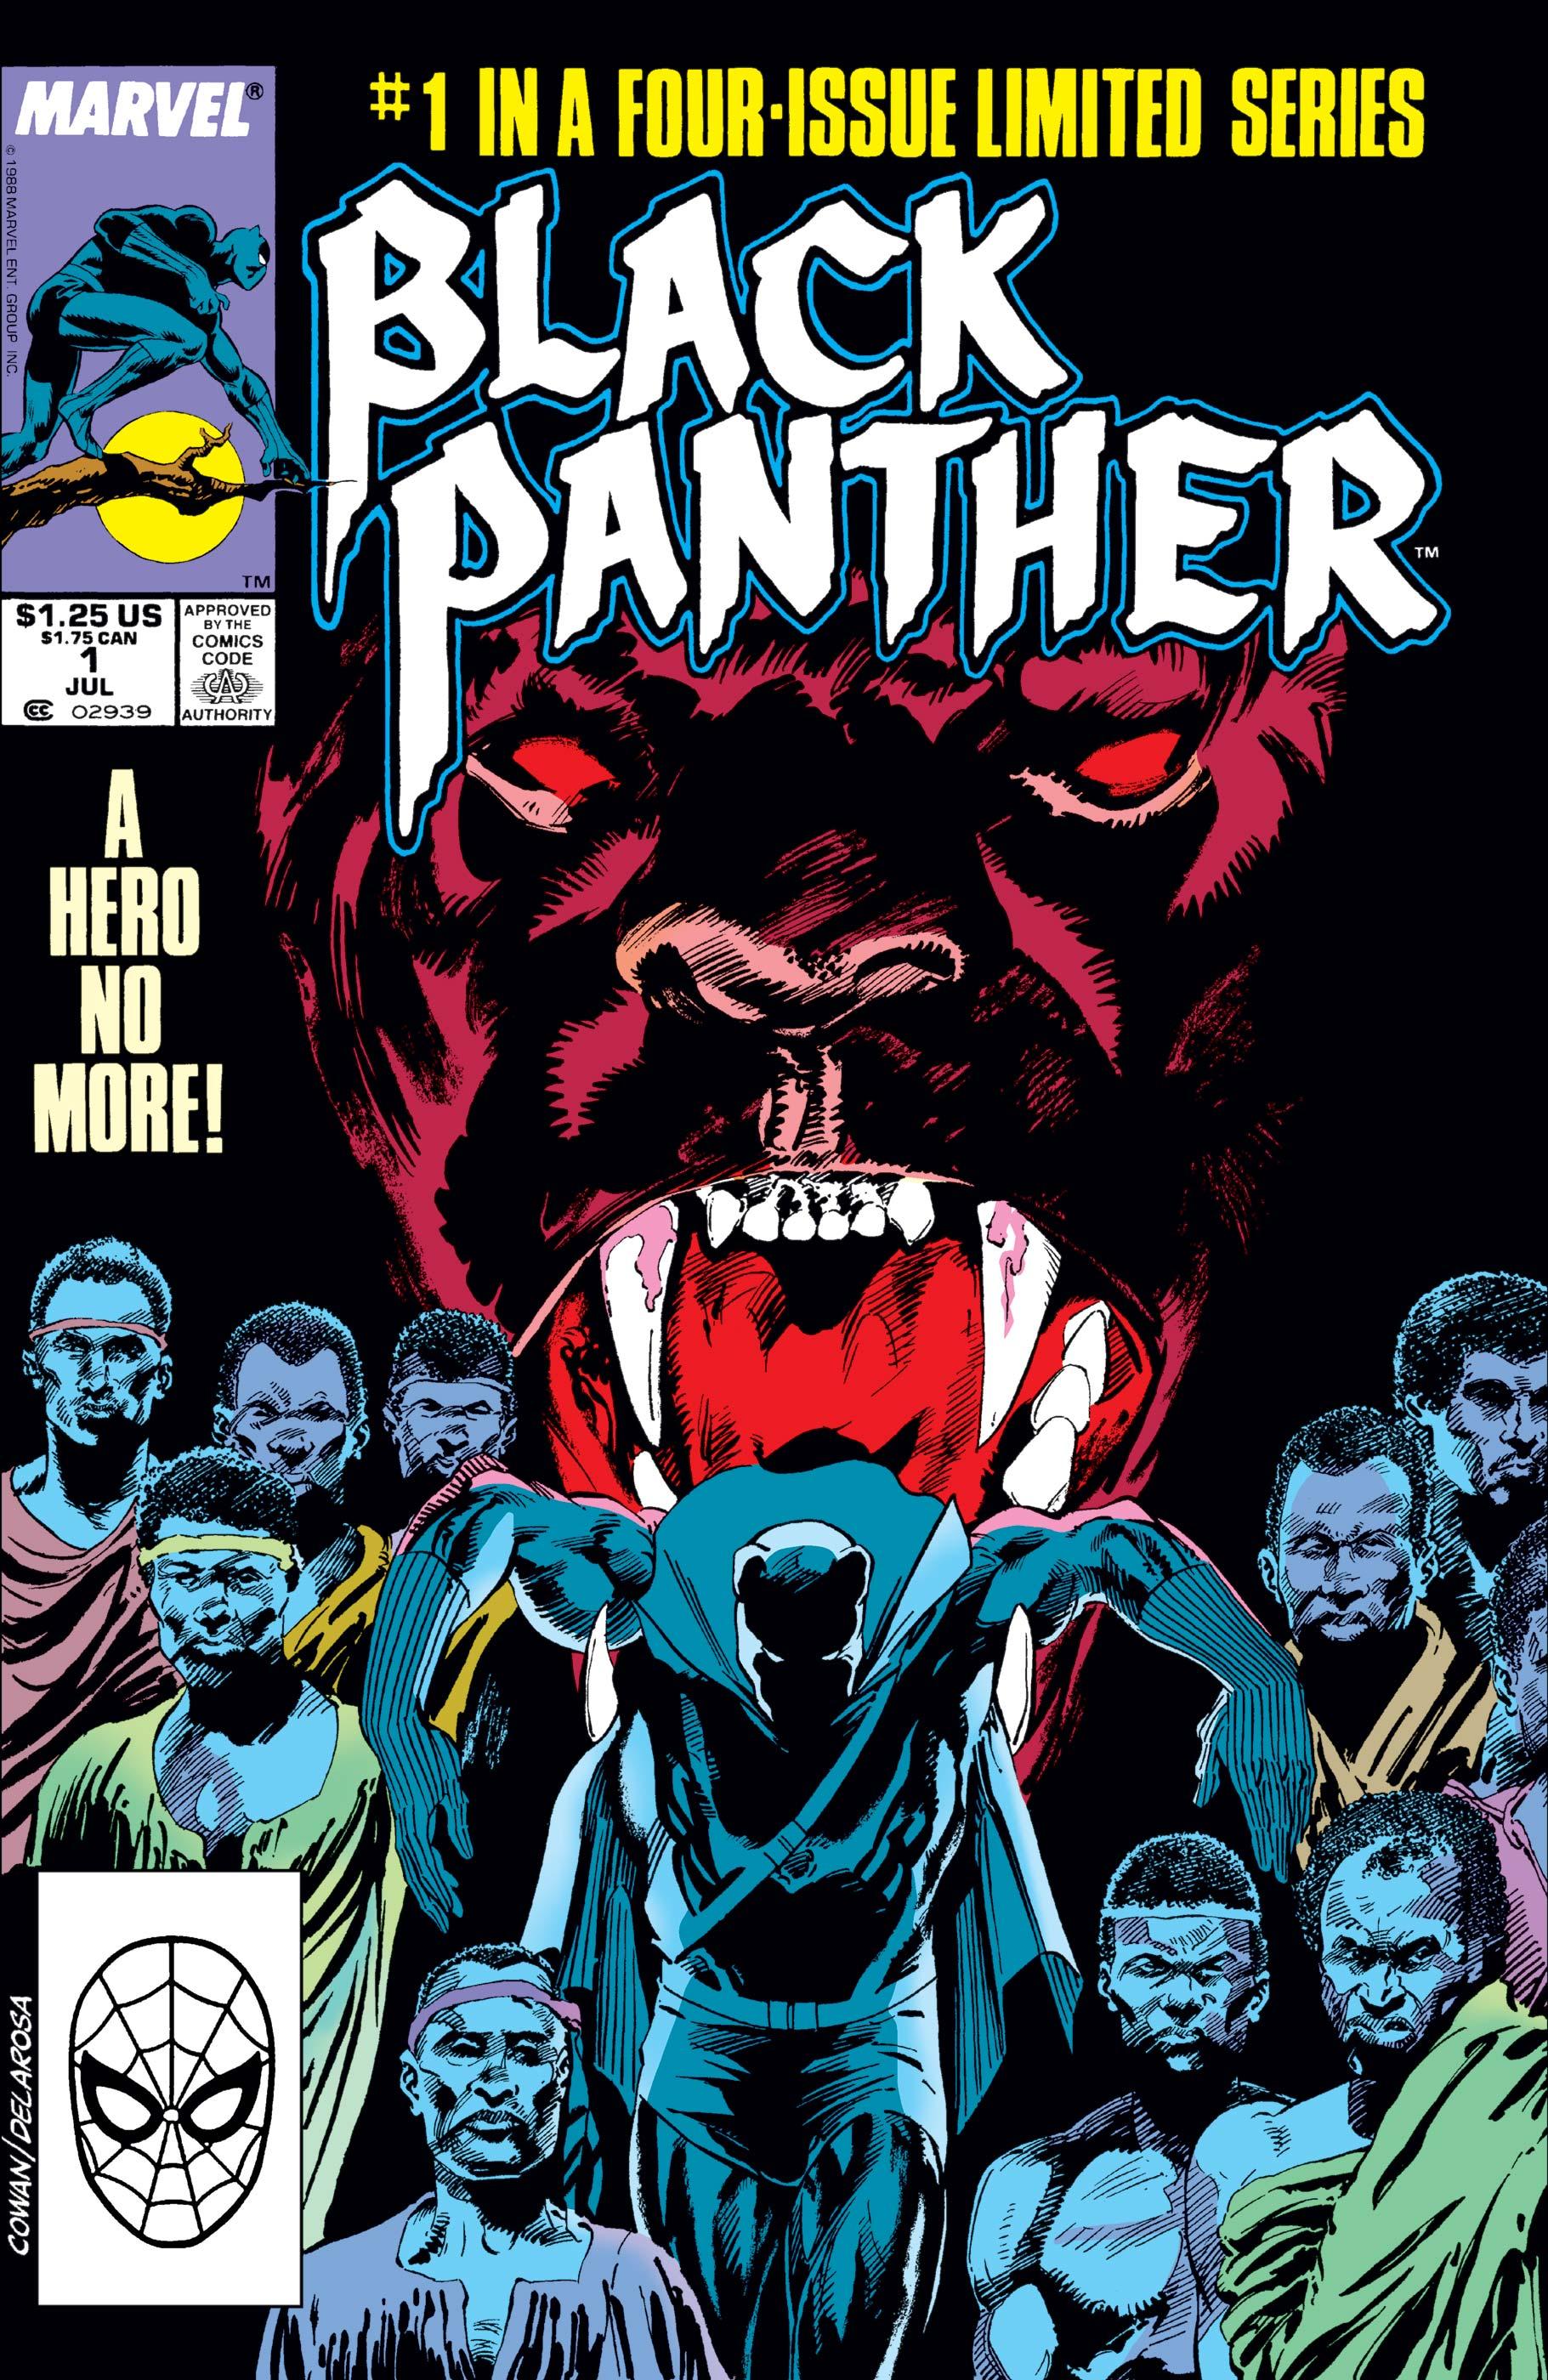 Black Panther (1988) #1